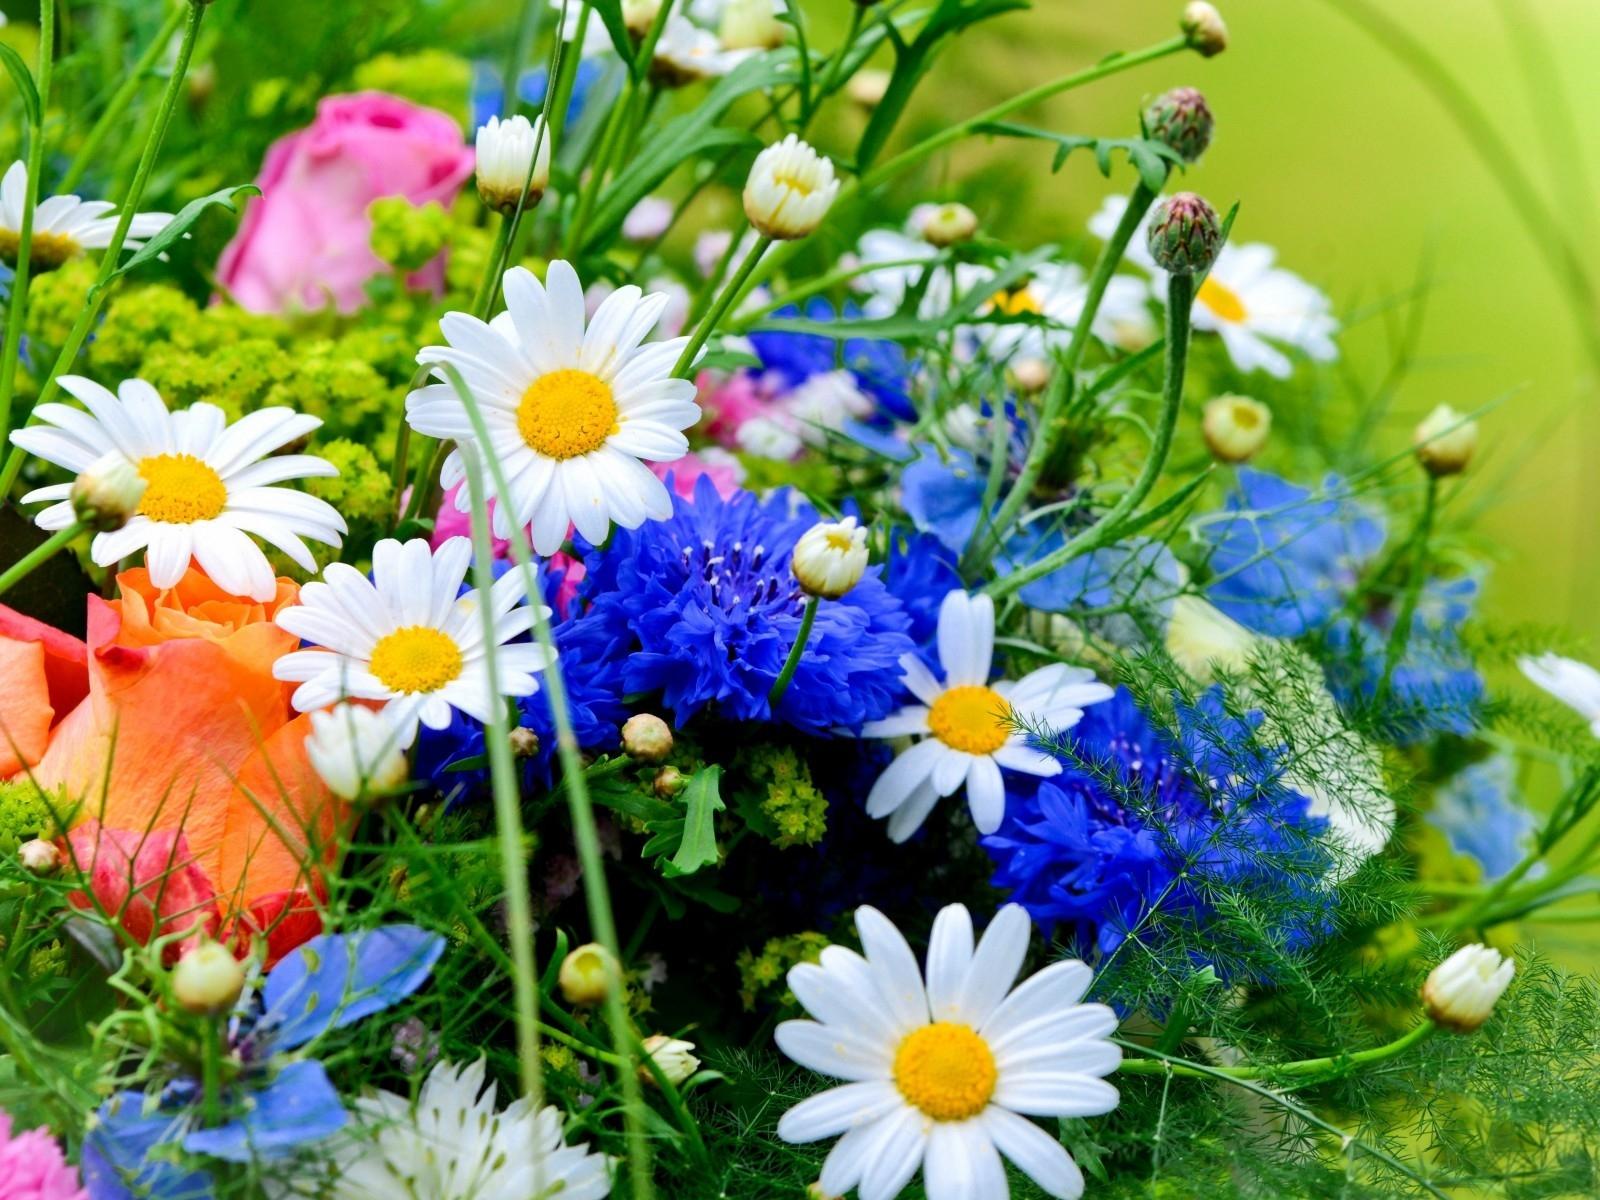 BANCO DE IMGENES 12 fotos de flores preciosas en varios colores